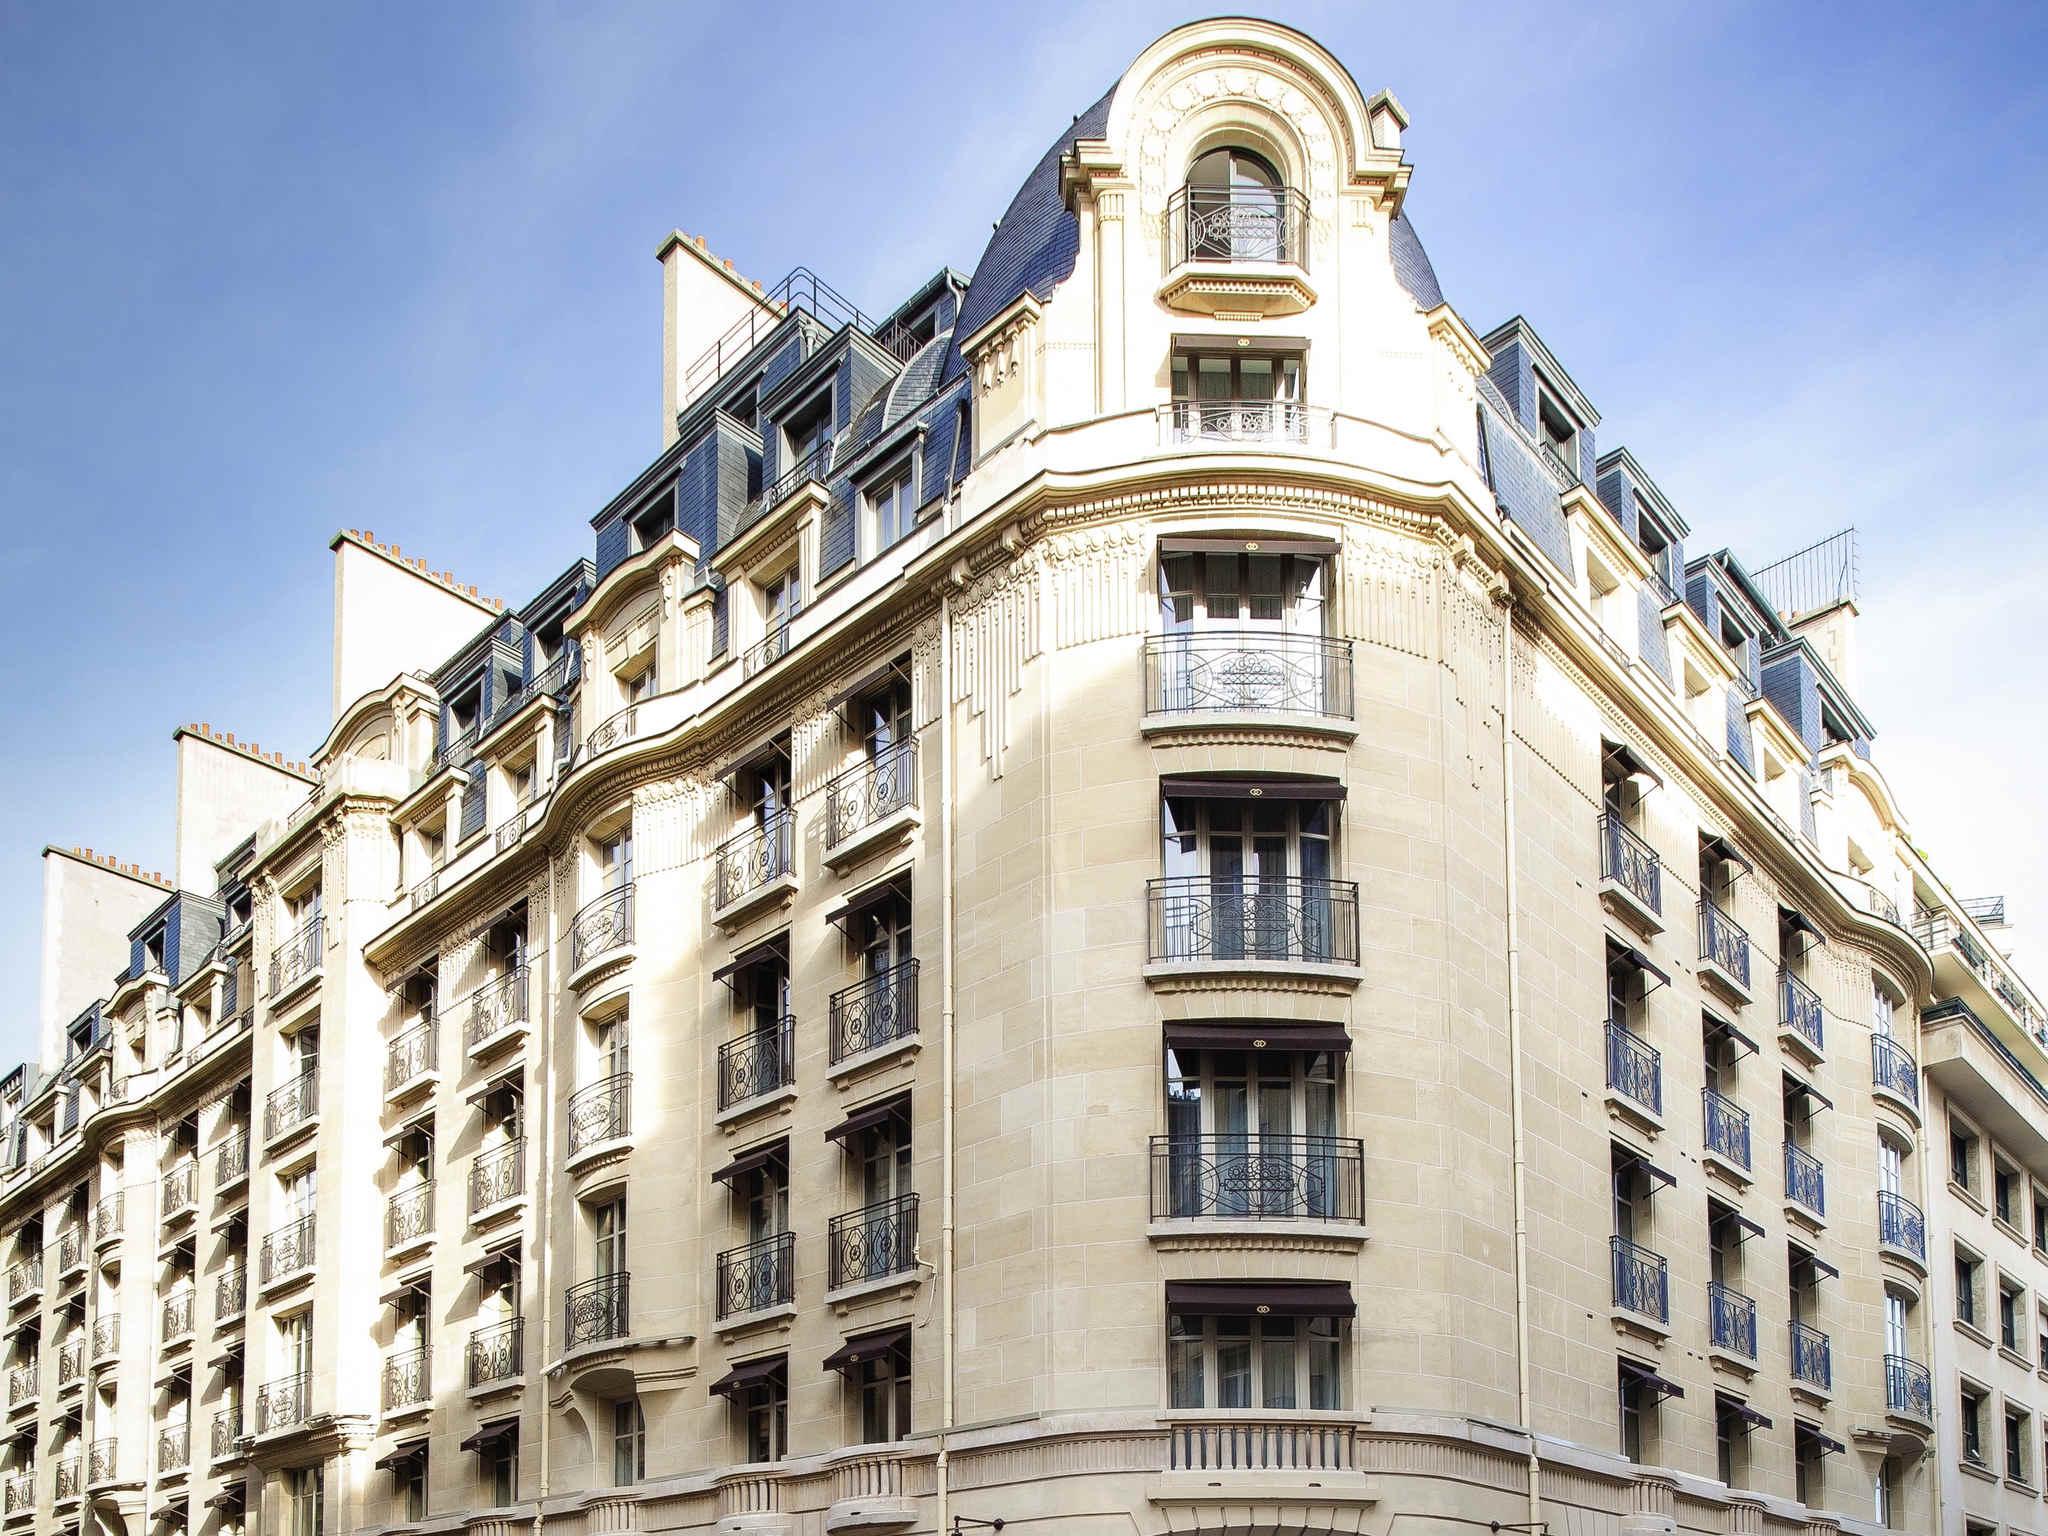 โรงแรม – โซฟิเทล ปารีส อาร์ค เดอ ทรียงฟ์